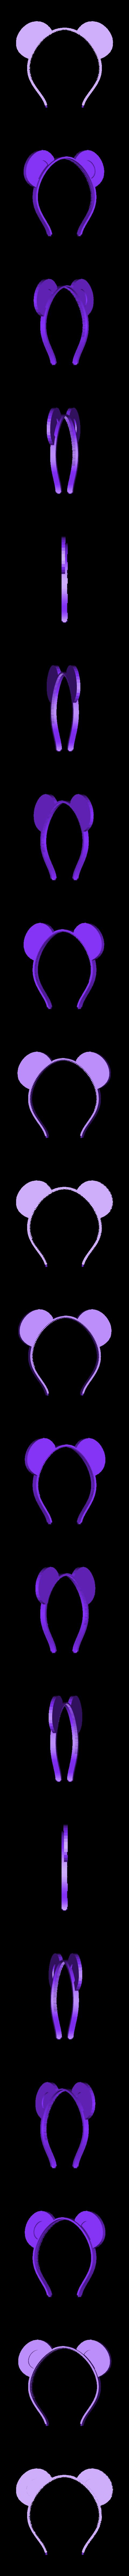 ears-wide.stl Télécharger fichier STL gratuit Bandeau oreilles d'animaux, personnalisable • Plan à imprimer en 3D, arpruss